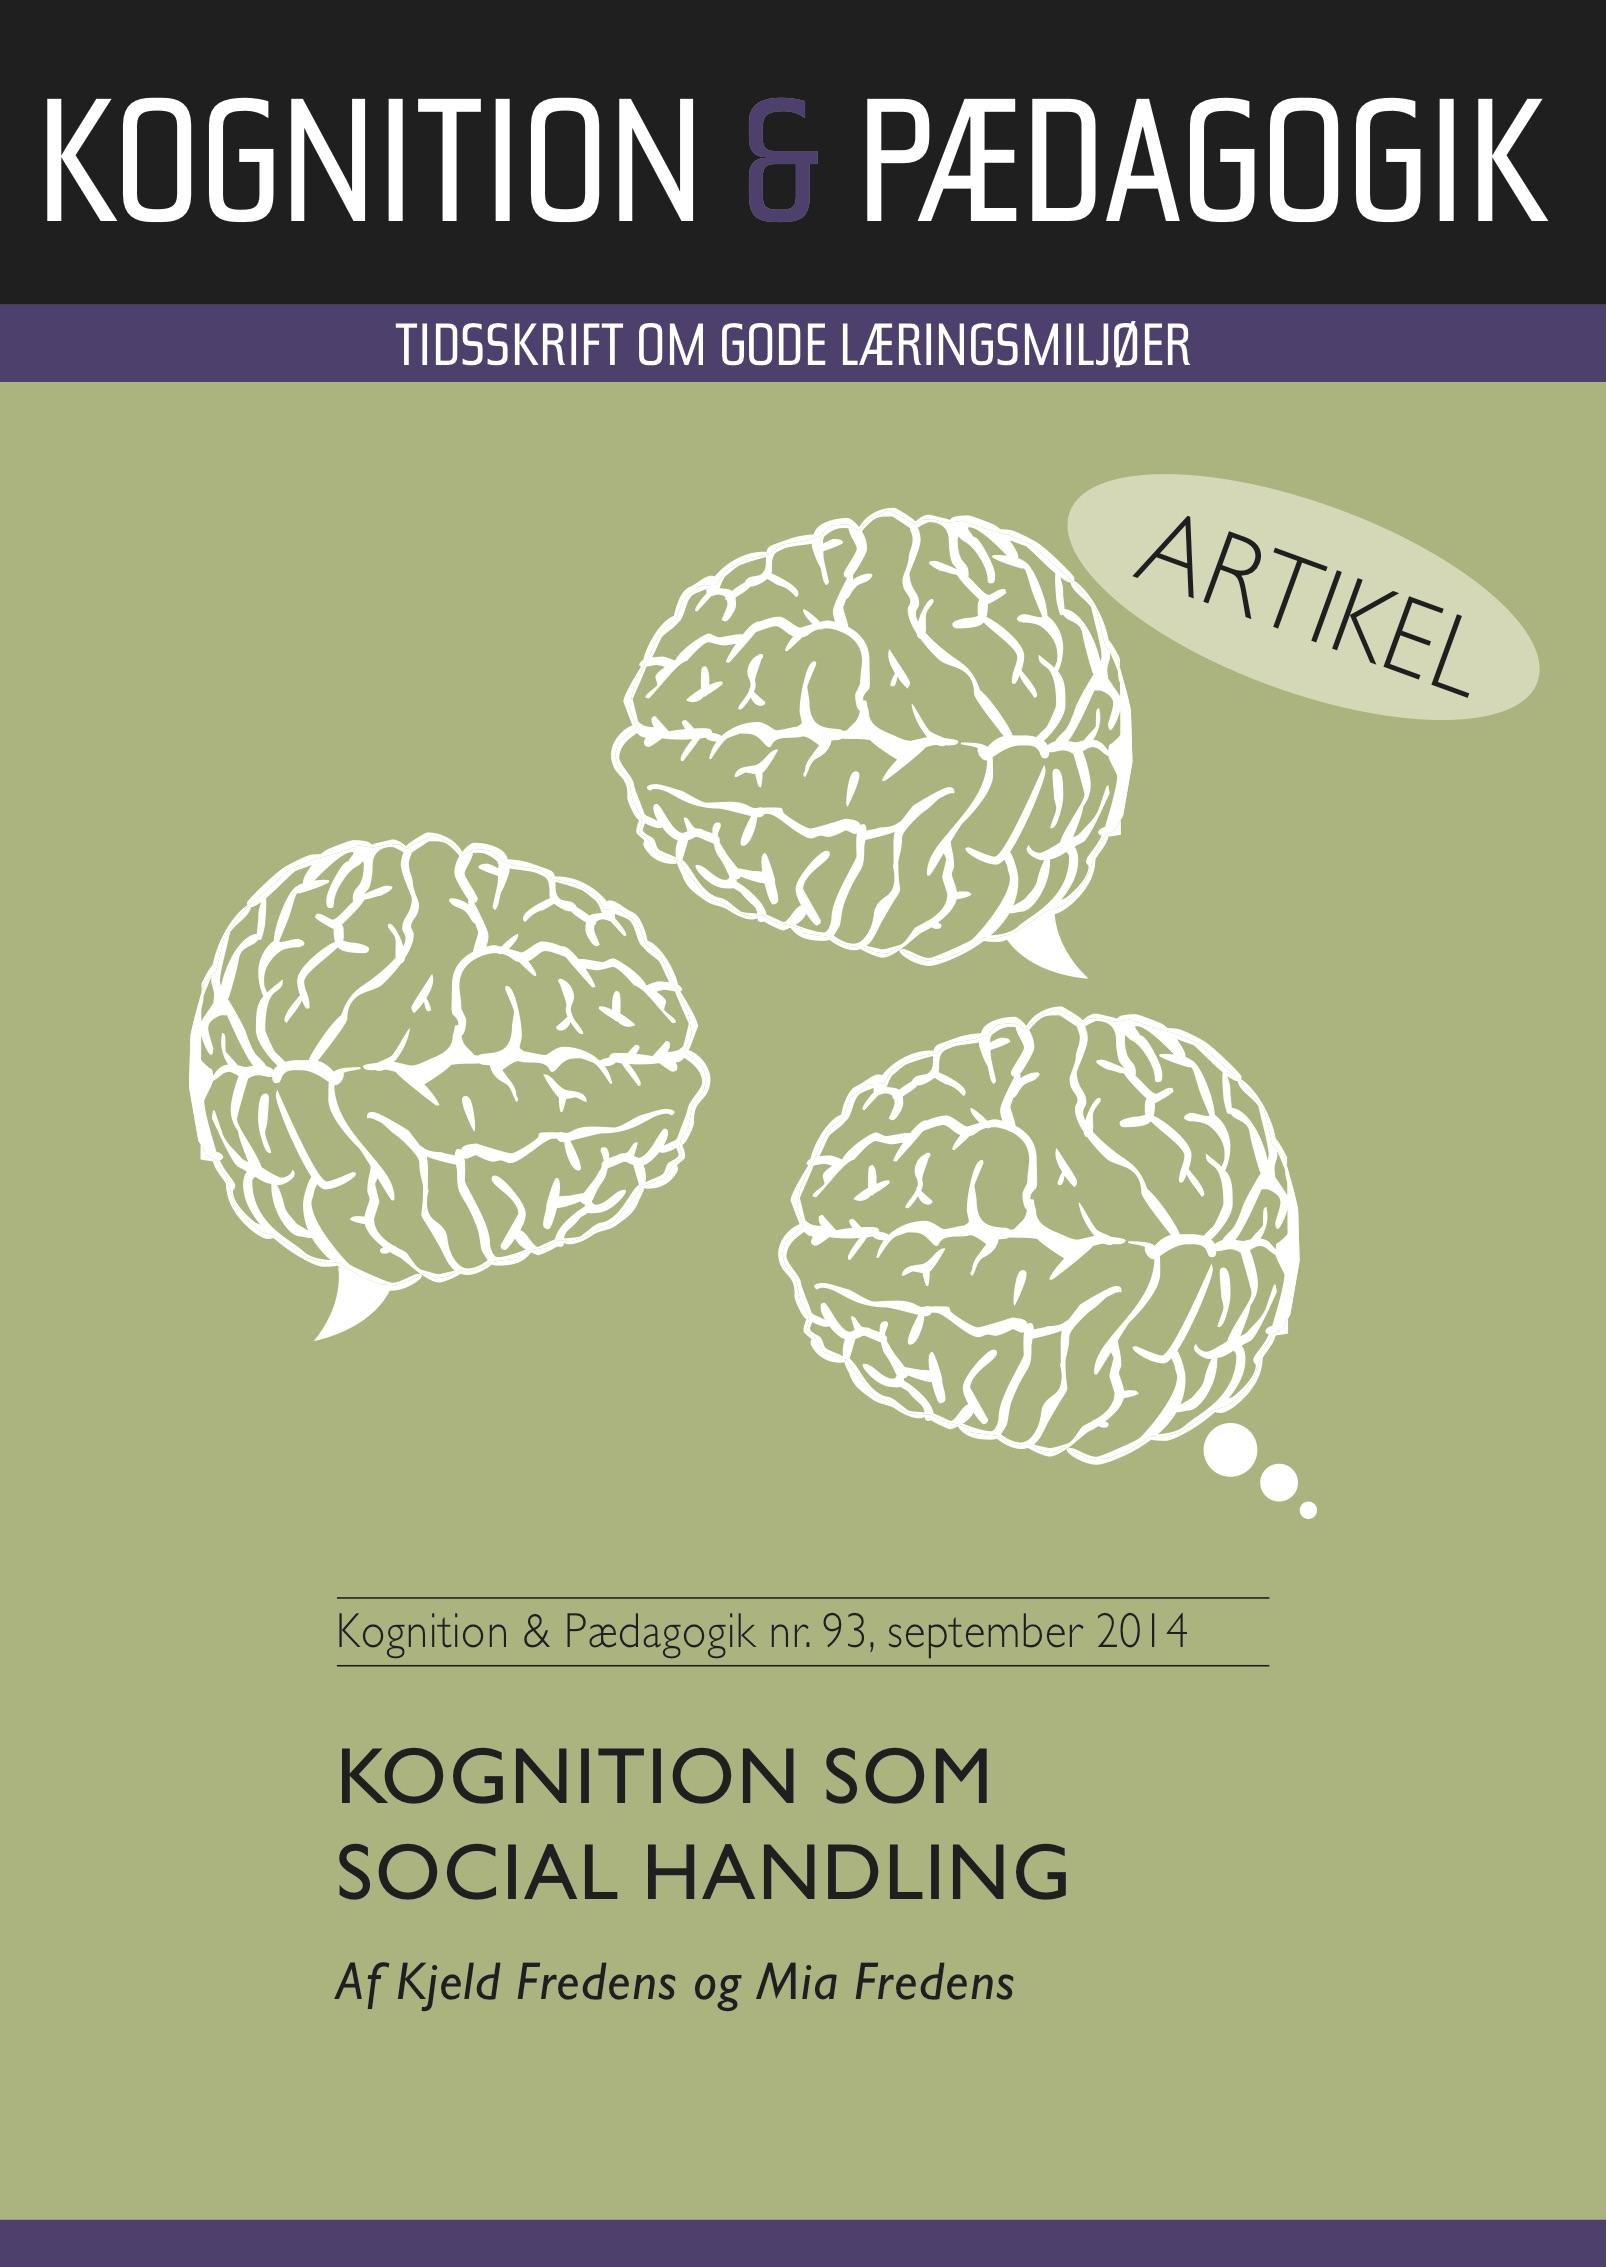 Kognition som social handling - e-bog fra N/A på bog & mystik